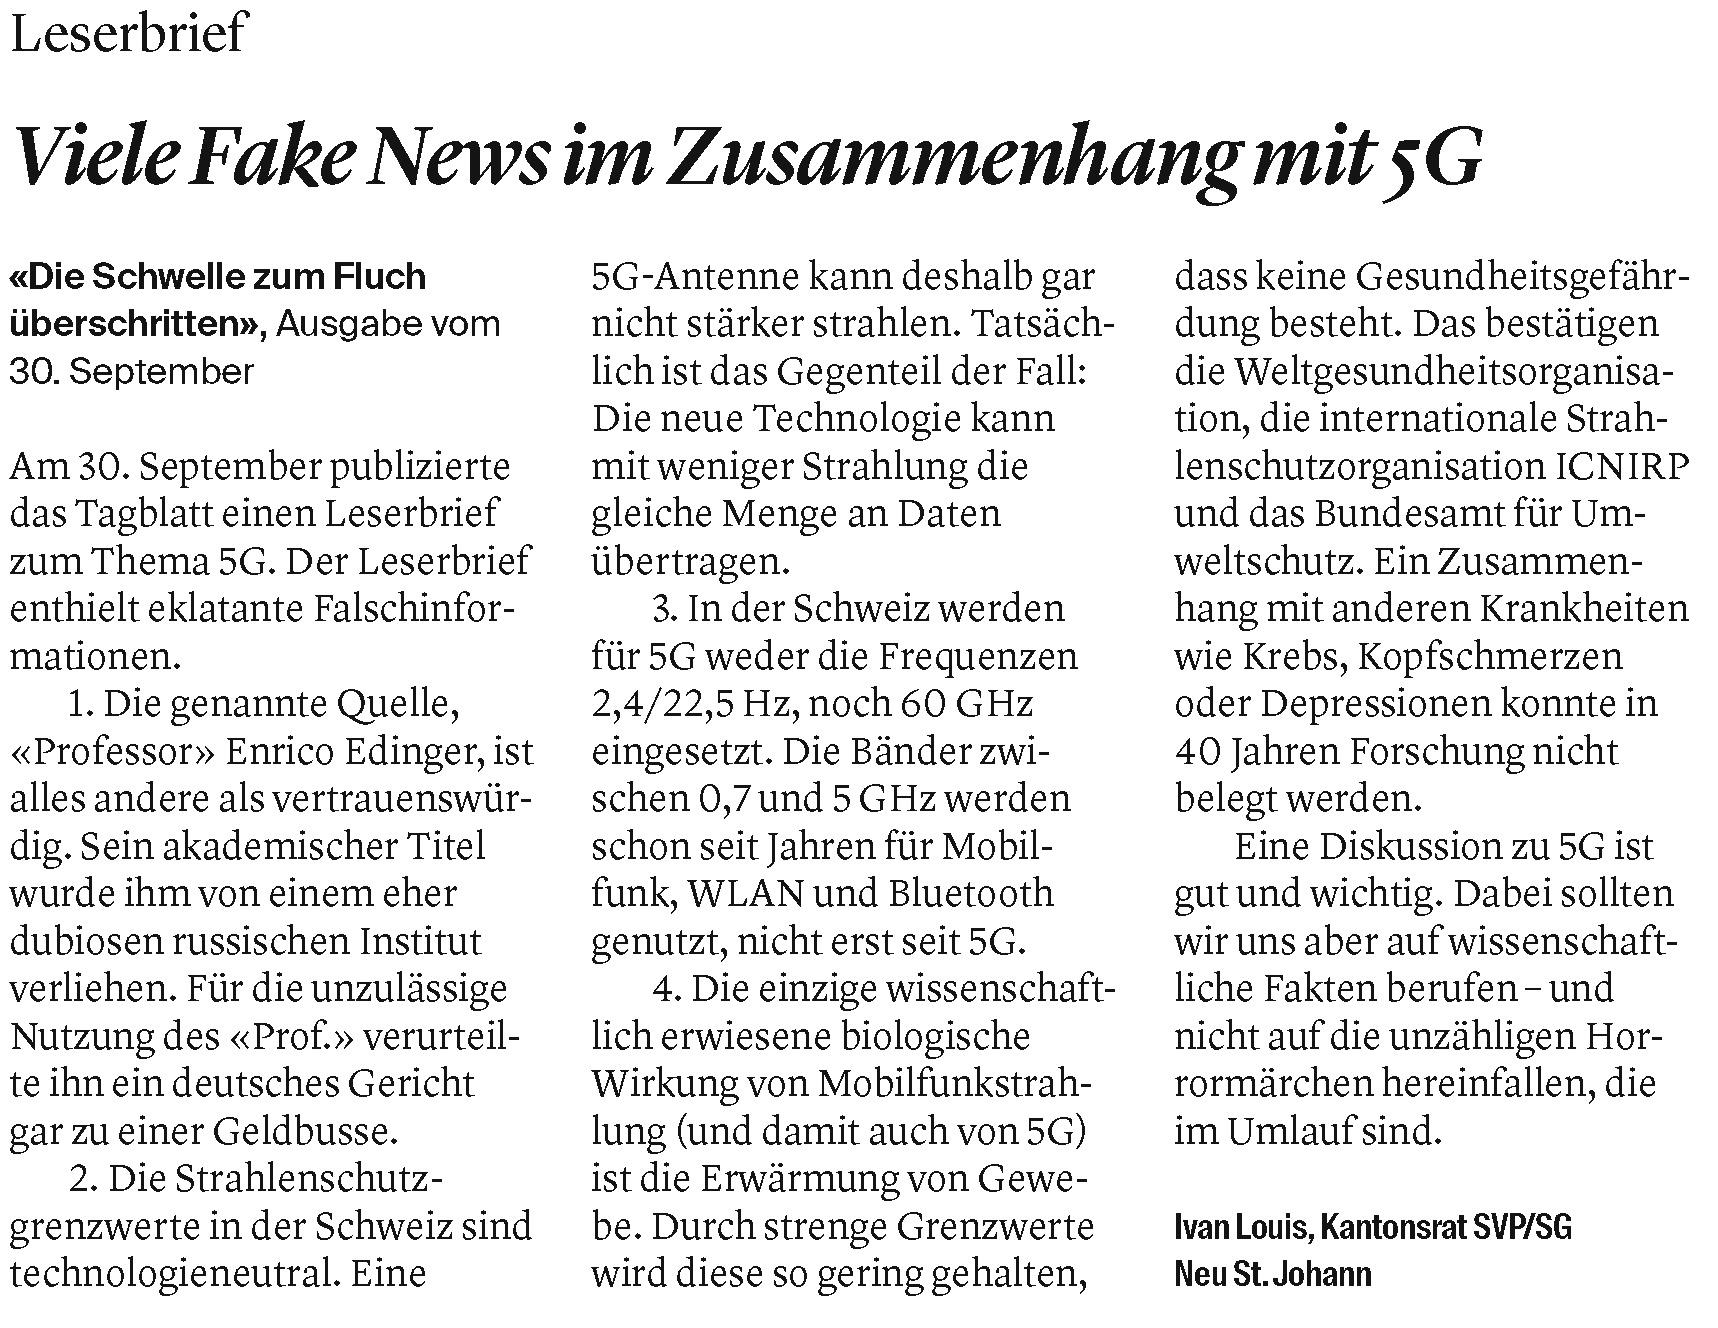 Viele Fake News im Zusammenhang mit 5G (Samstag, 10.10.2020)